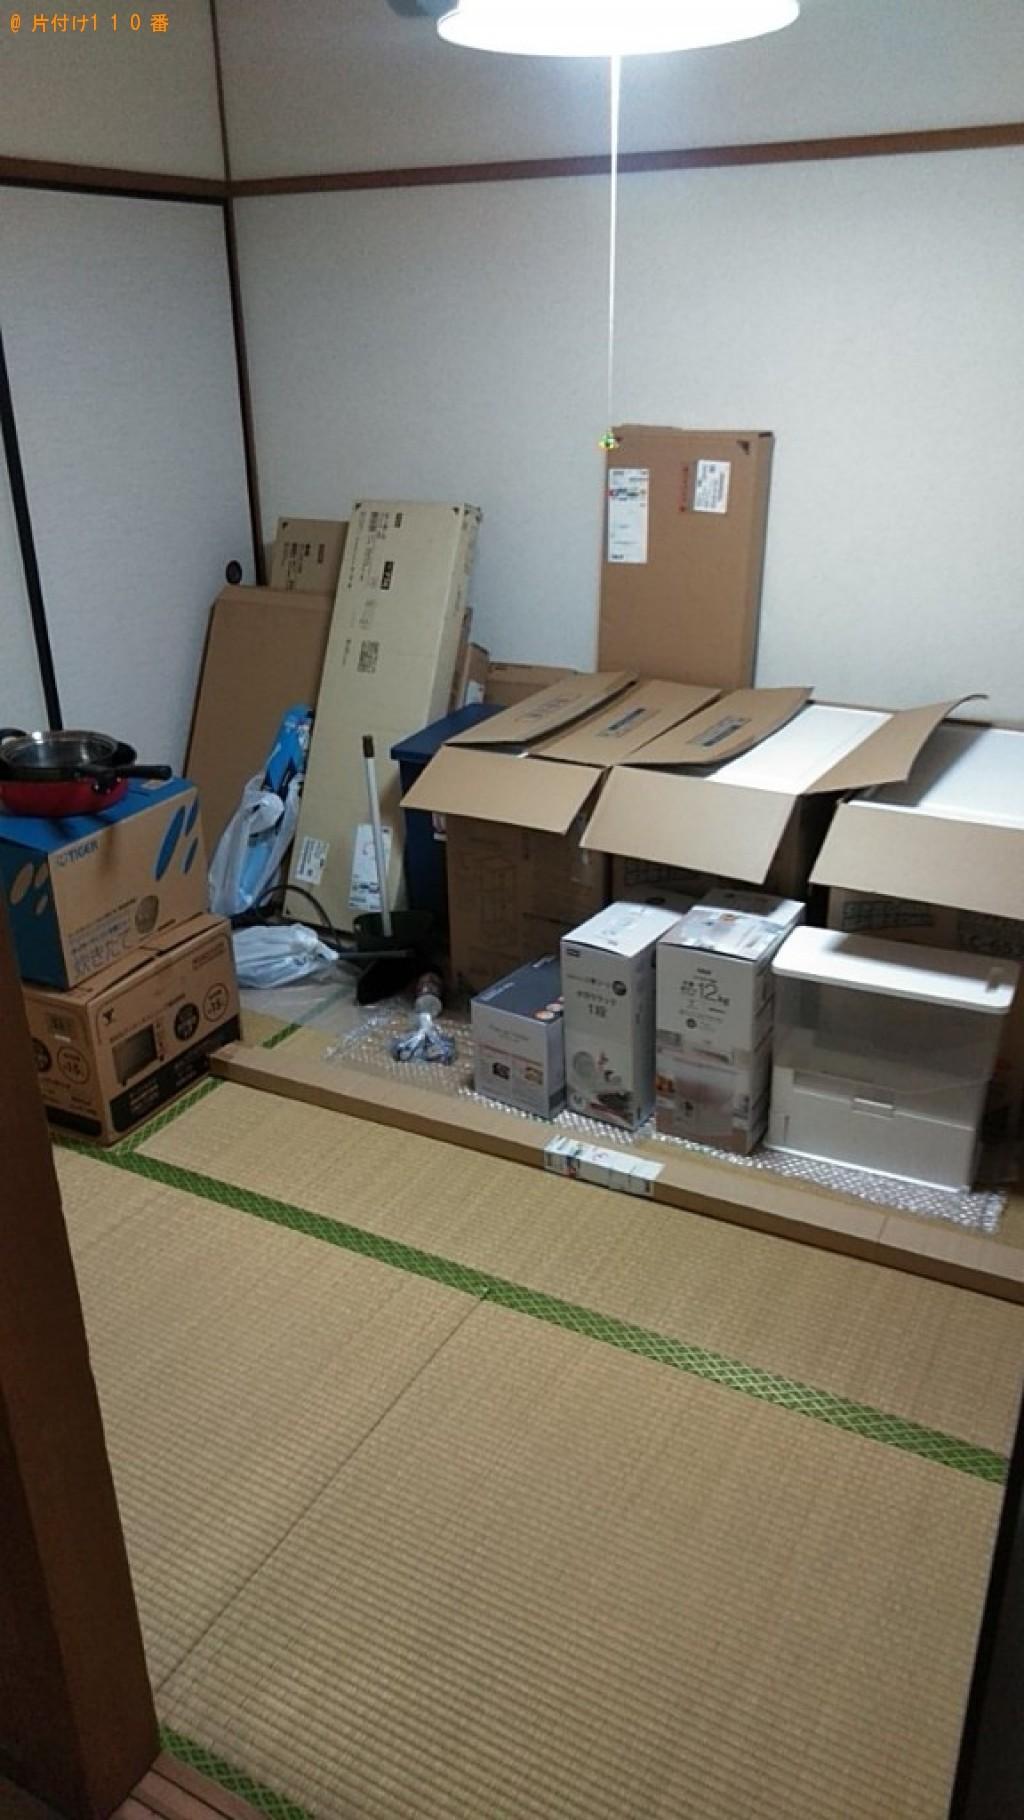 【南宇和郡愛南町】冷蔵庫、洗濯機、本棚、椅子等の回収・処分ご依頼